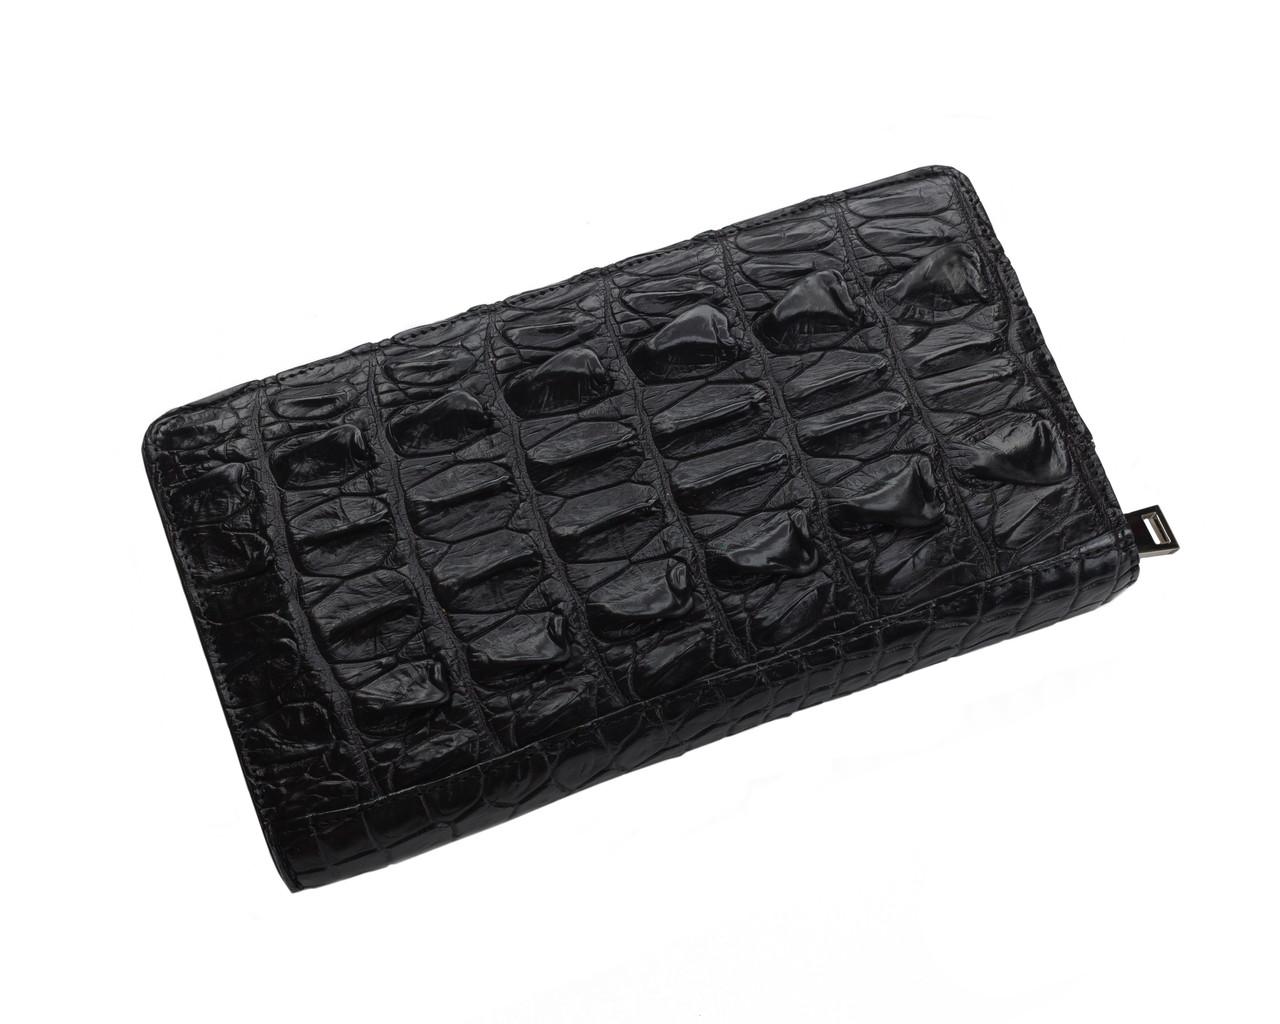 Кошелек из кожи крокодила на молнии Ekzotic Leather Черный (cw 83)